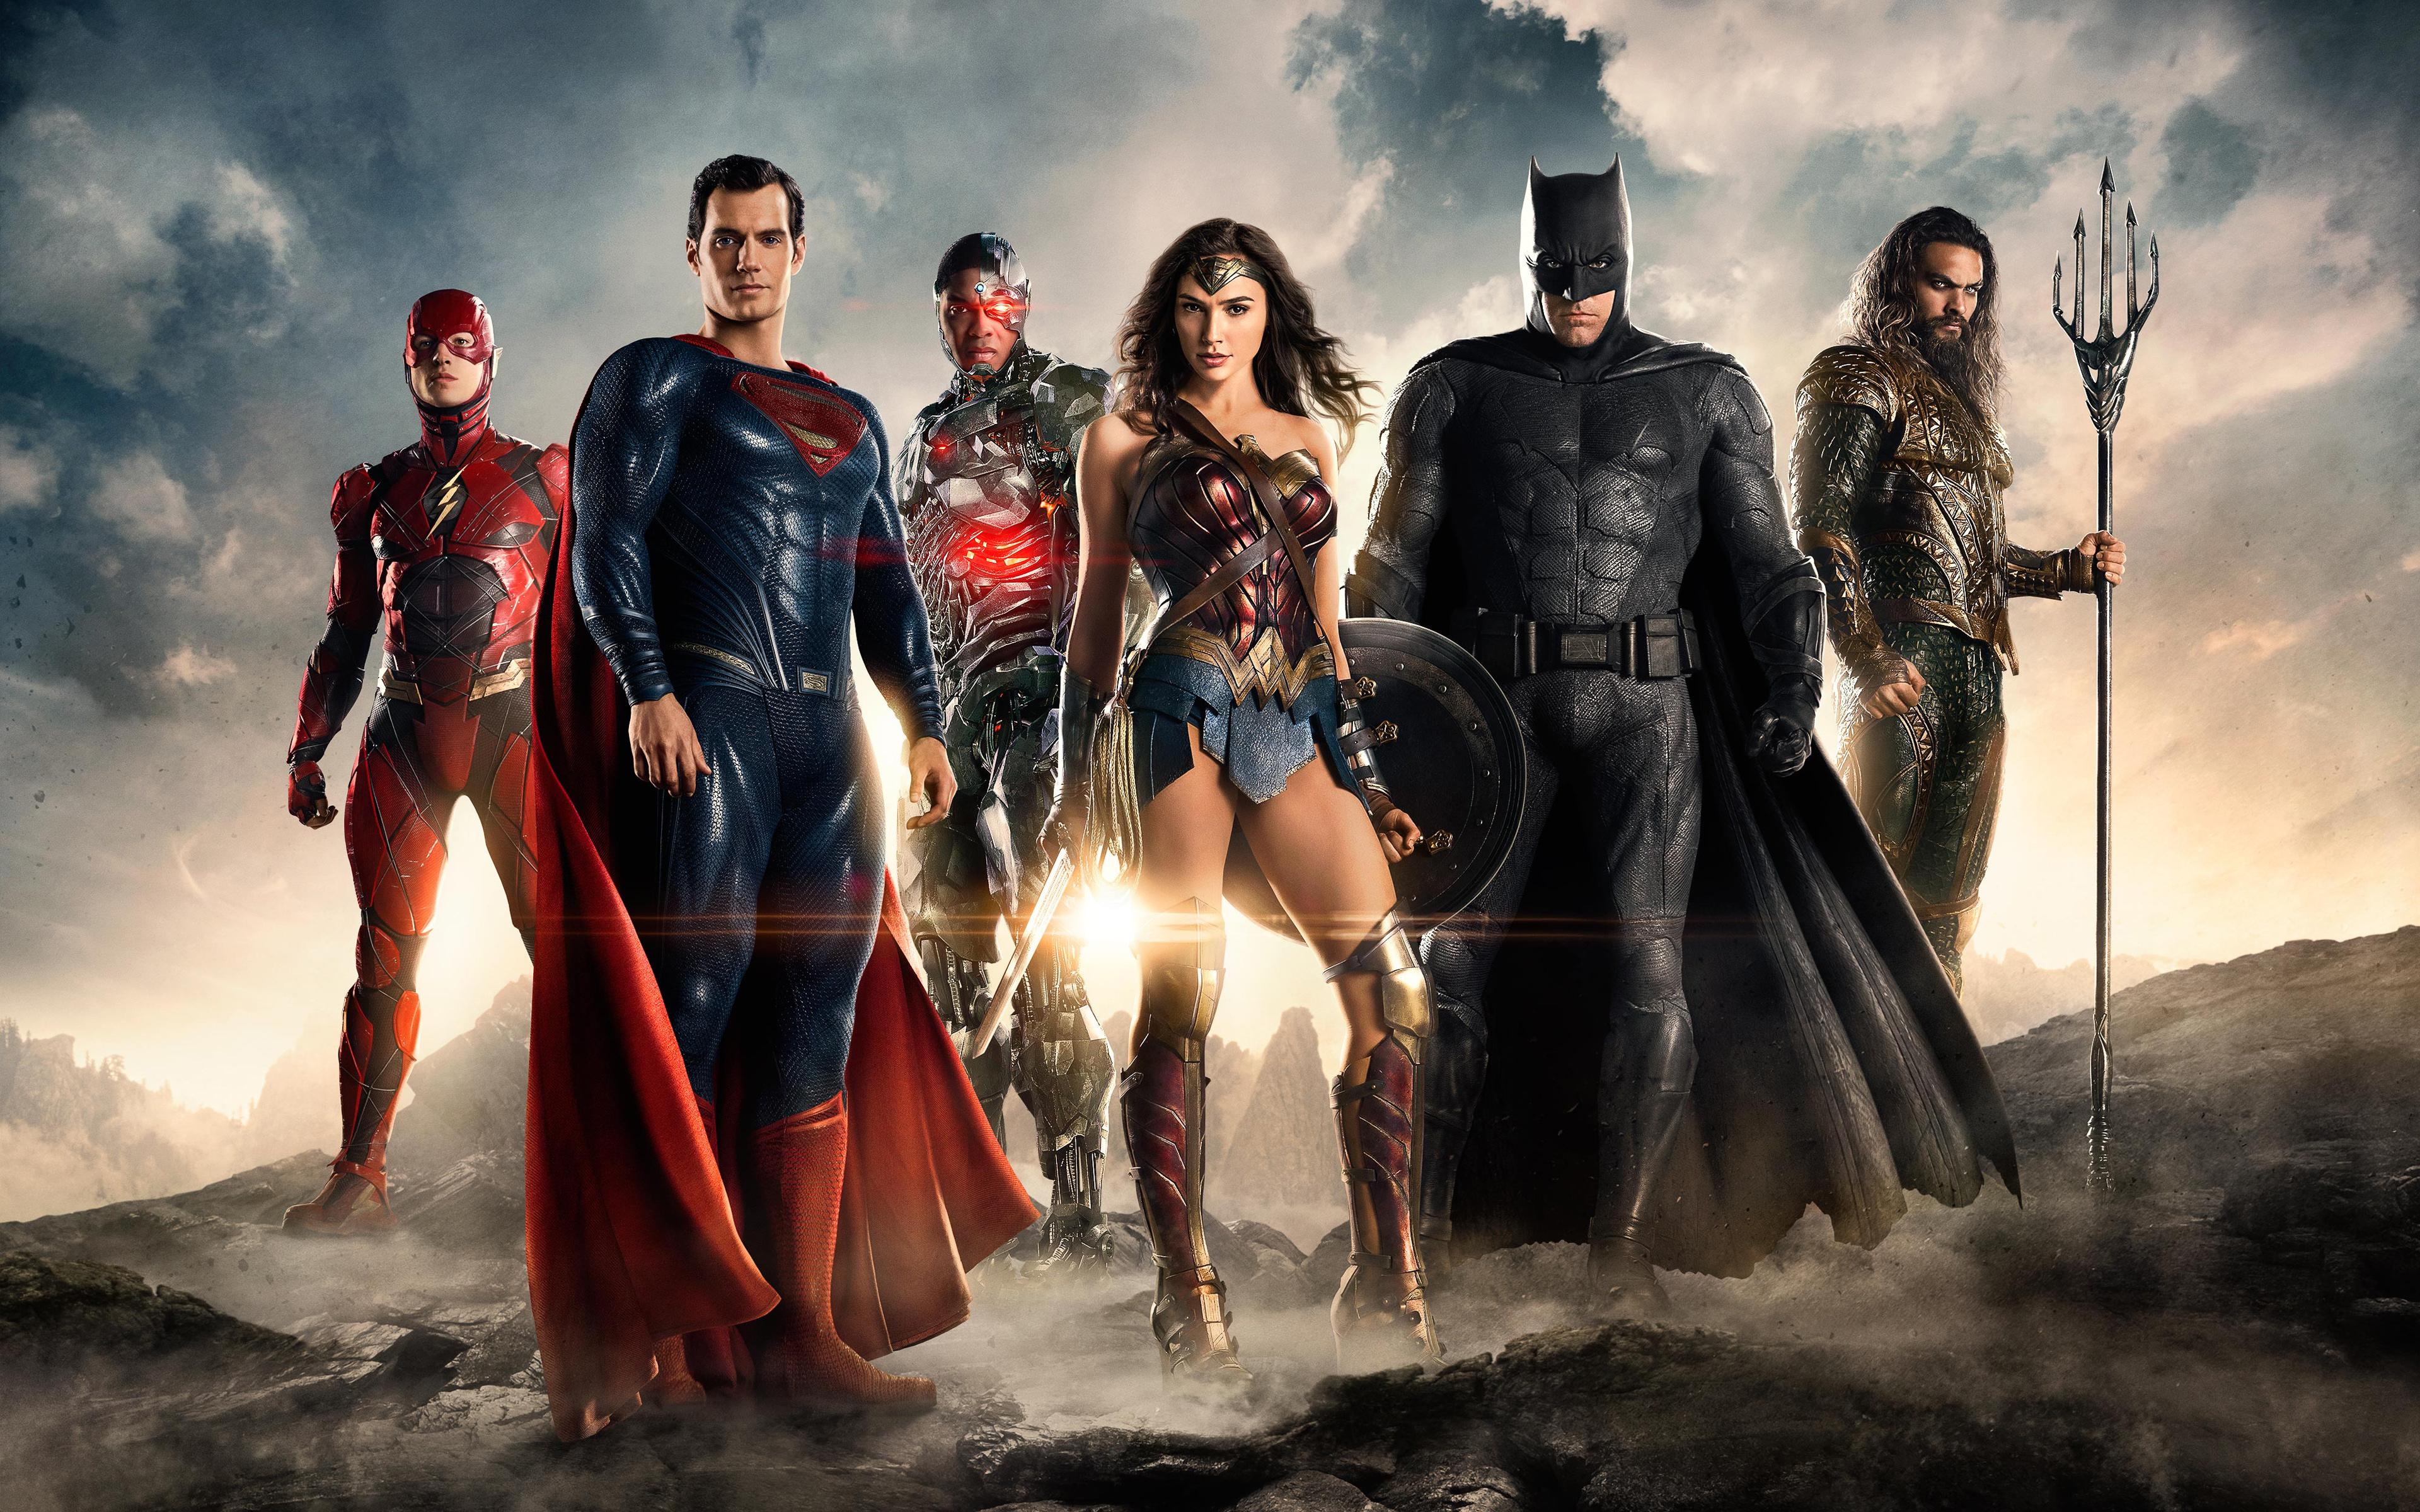 justice_league_2017_movie-wide